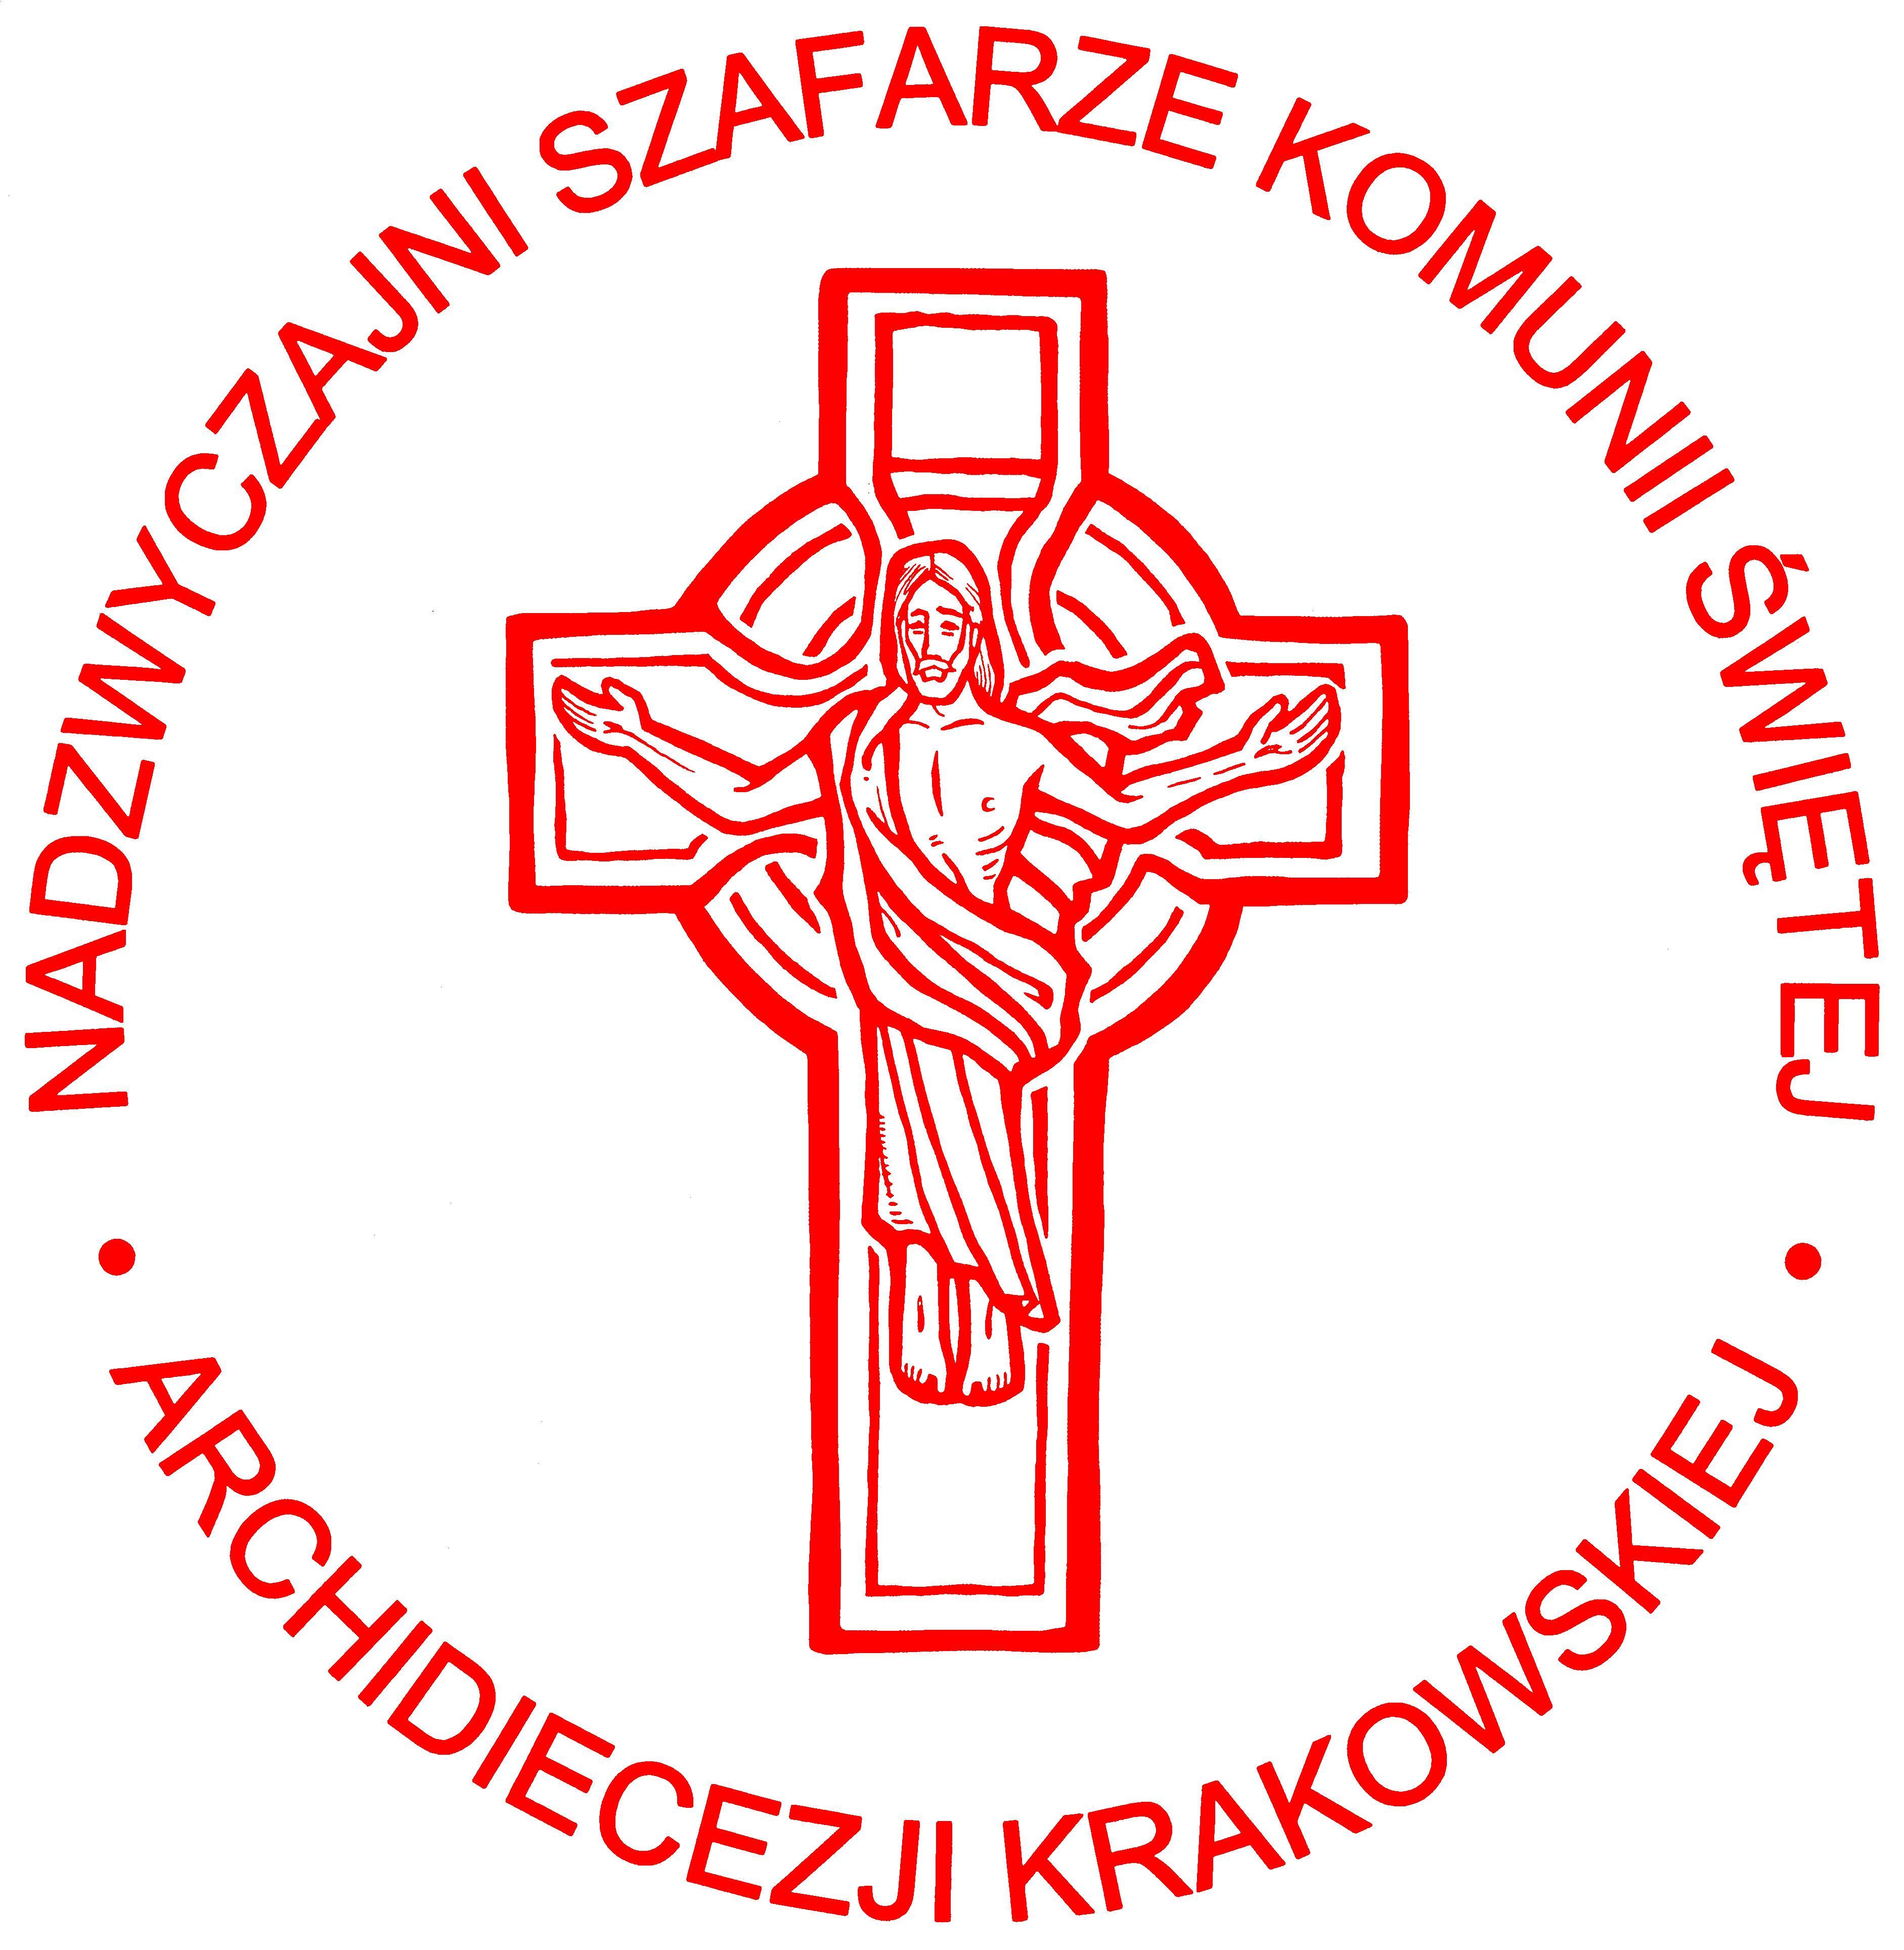 Kurs Szafarzy Nadzwyczajnych Komunii Świętej